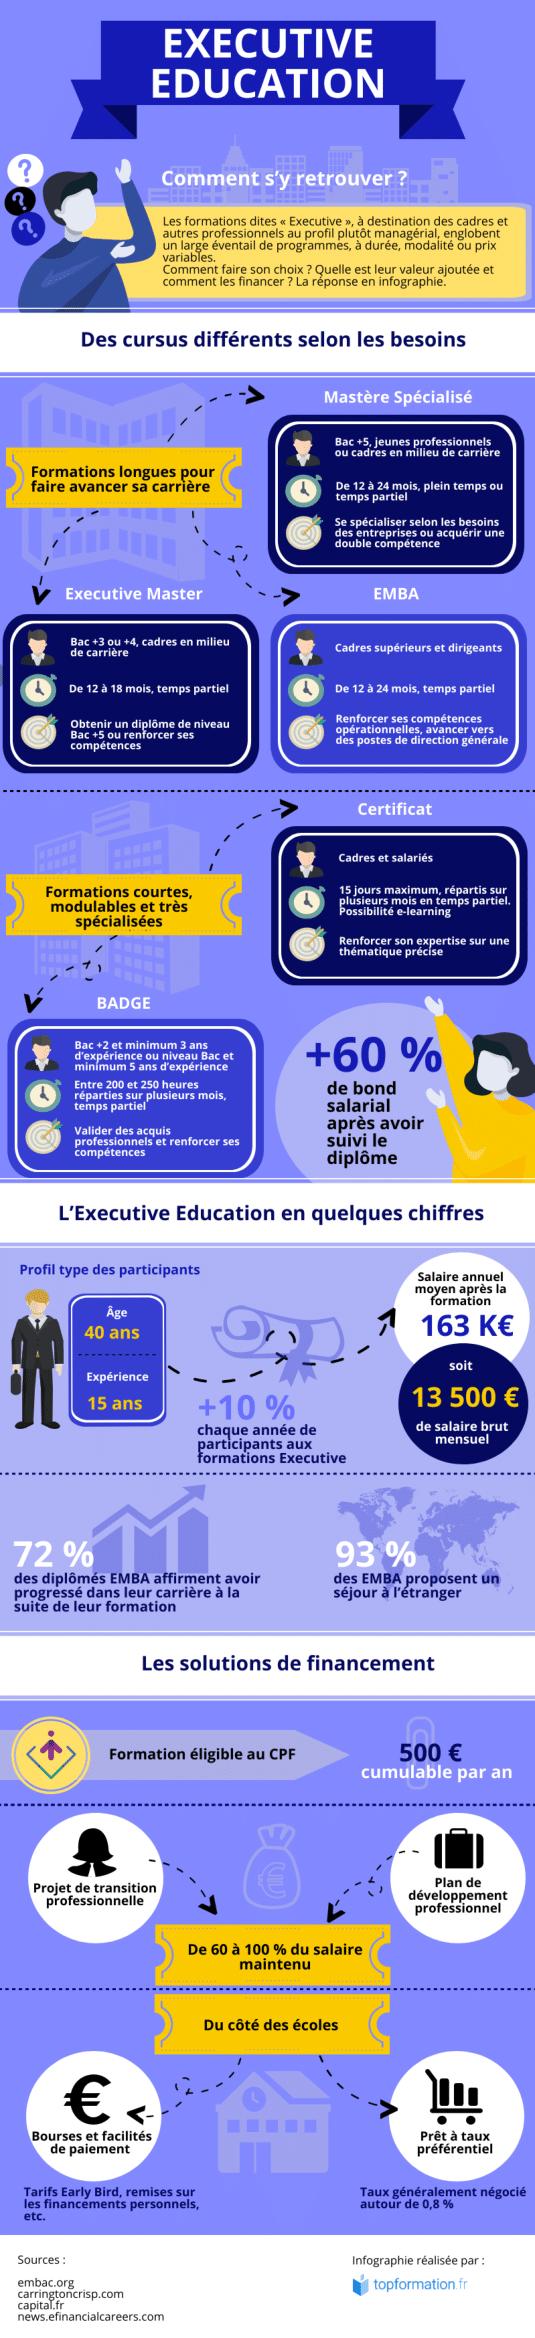 infographie sur l'executive education